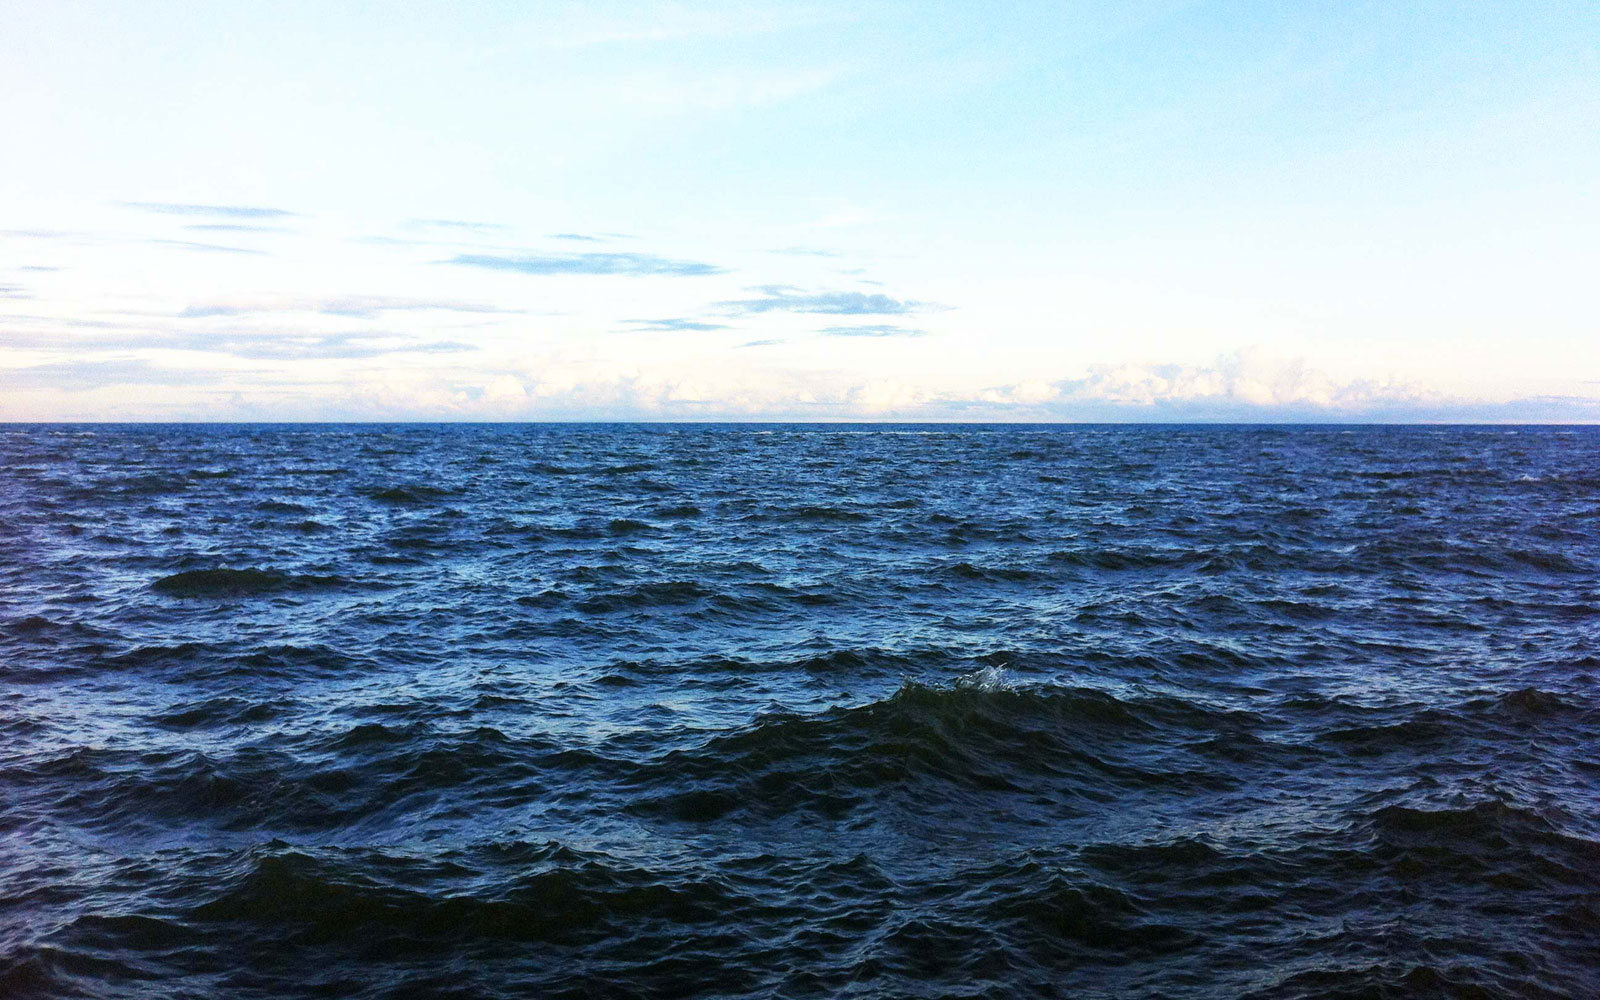 Acqua potabile infinita gratis per tutti depurando e desalinizzando l'acqua di mare.La grande scoperta